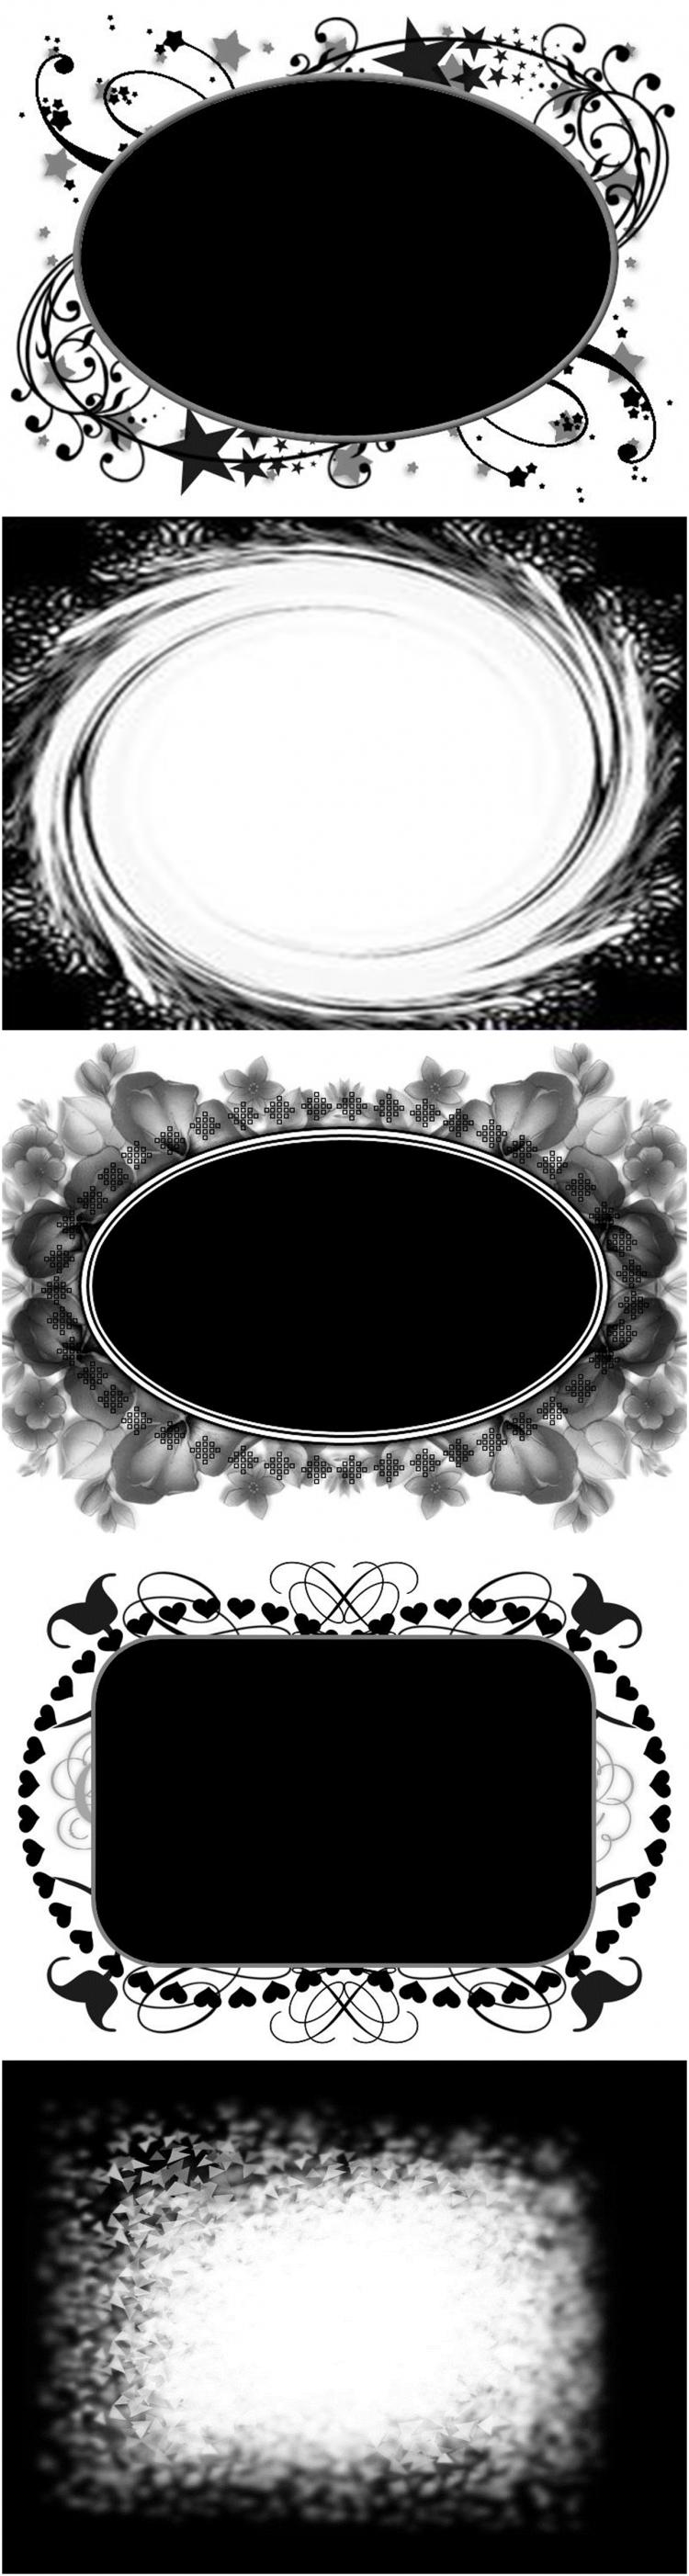 【图片分享计划】ps圆形花纹蒙版